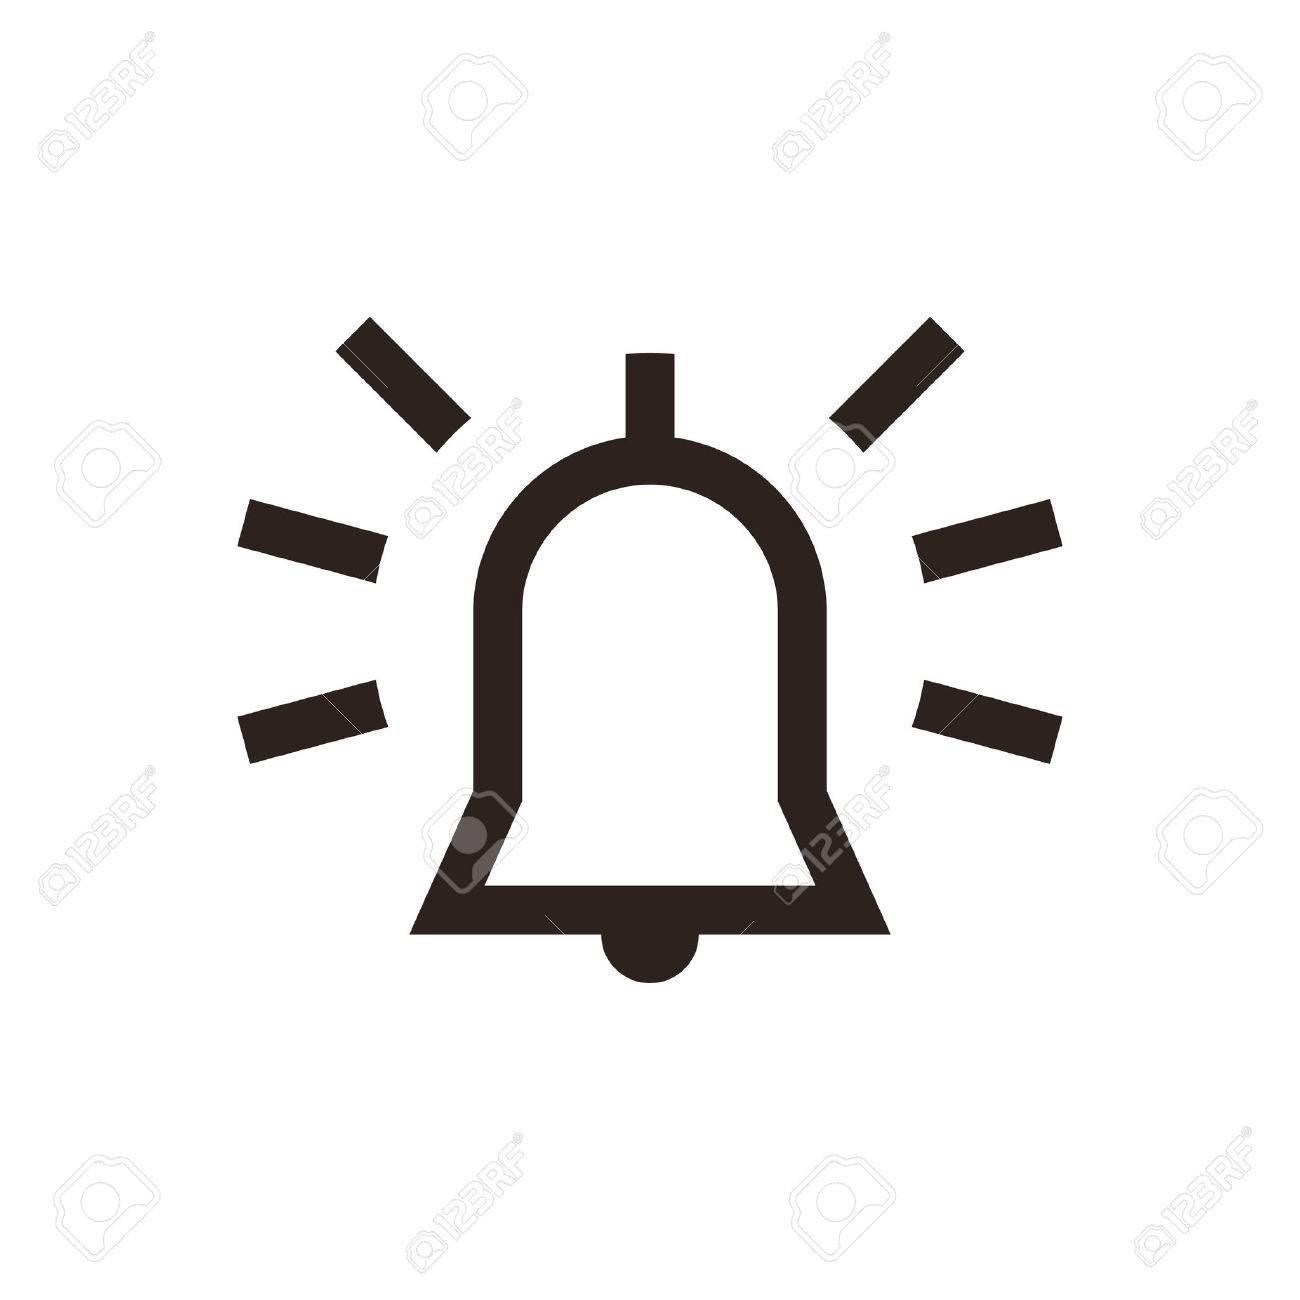 Alarm icon isolated on white background - 28503952